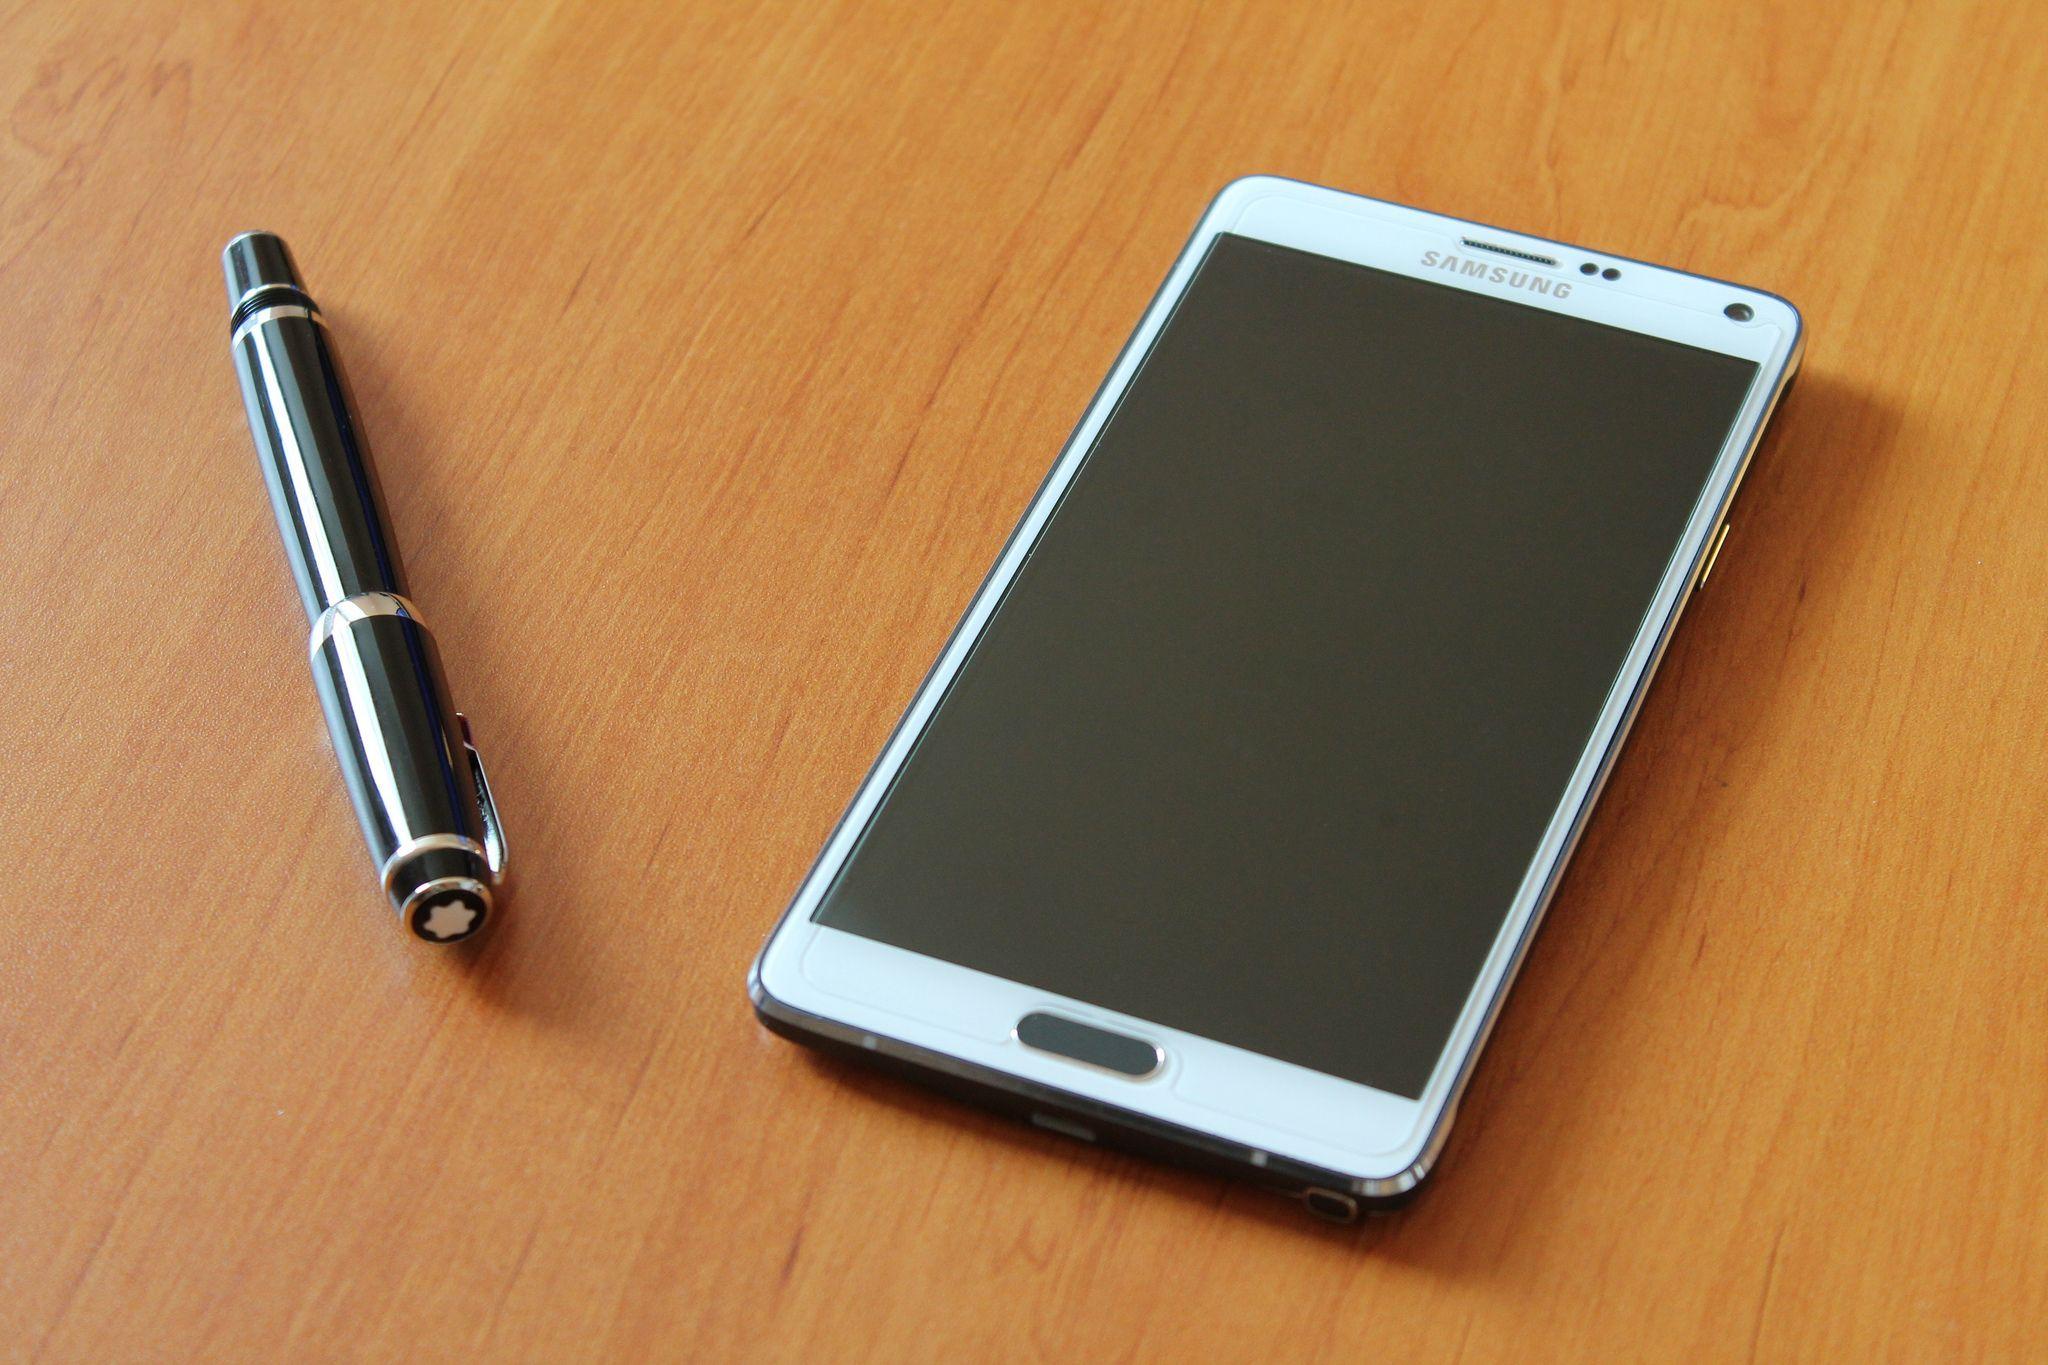 Samsung Note 4 Montblanc 2015 10 03  16 19 13